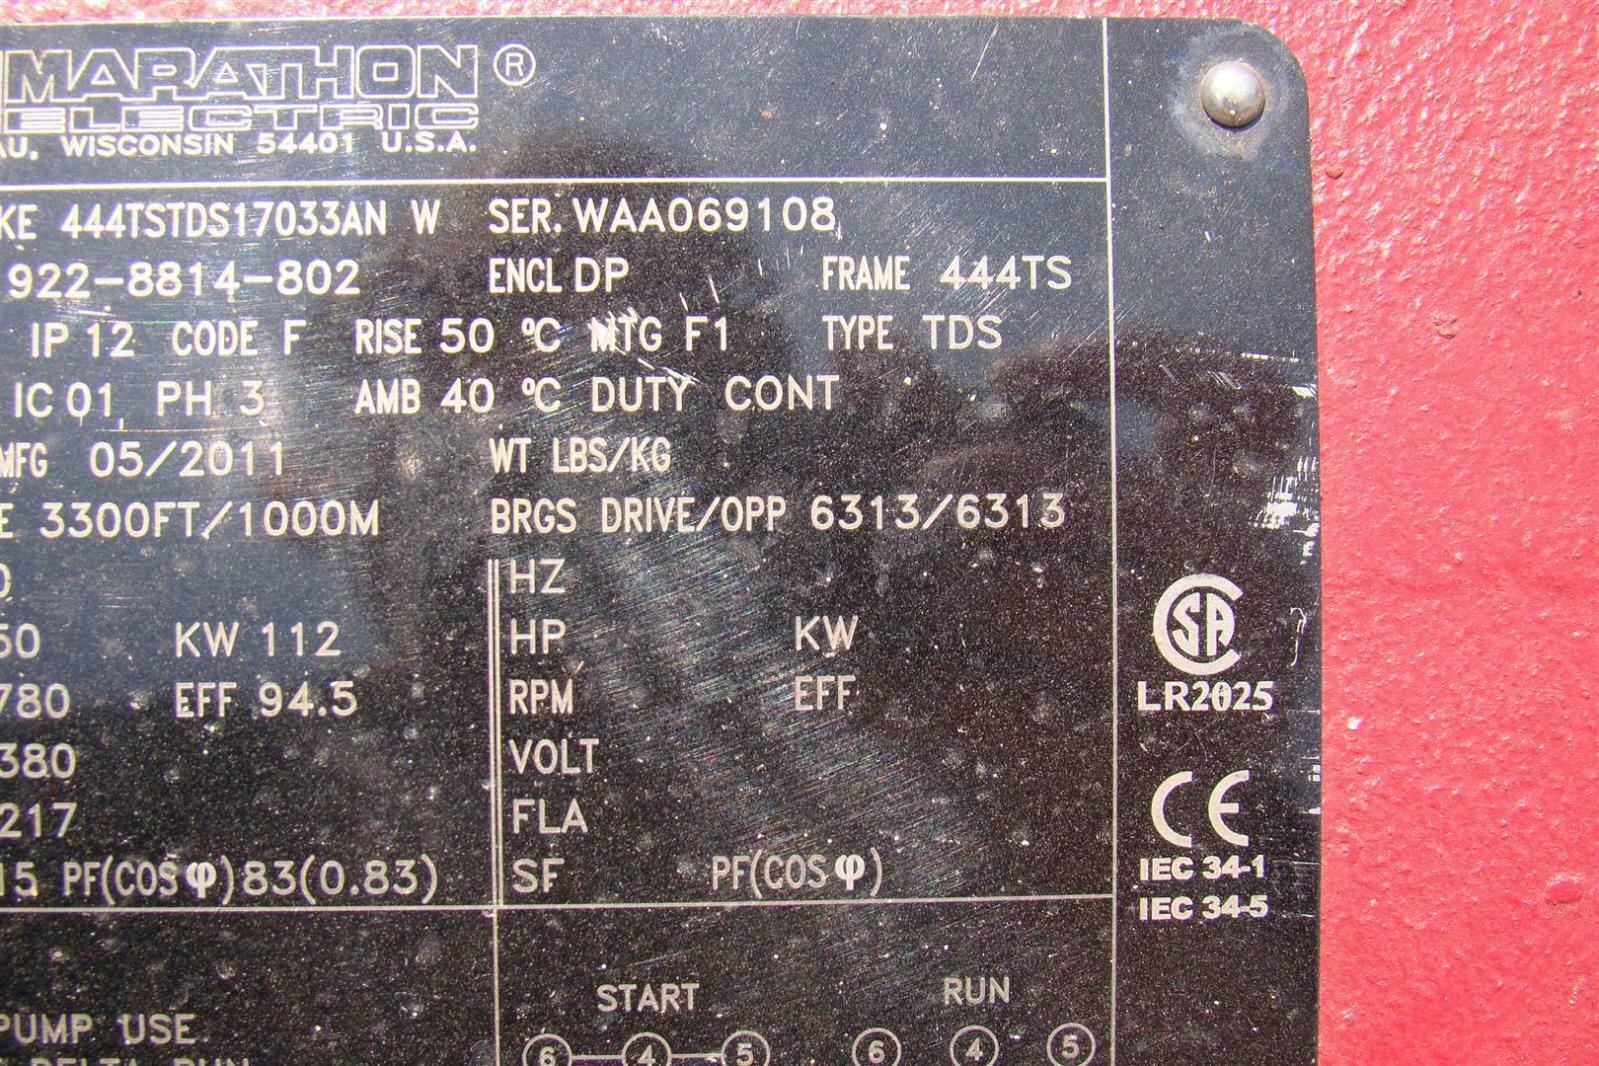 Marathon Electric Motor 150HP 380v 3PH 1780RPM KE444TSTDS17033AN 922 ...